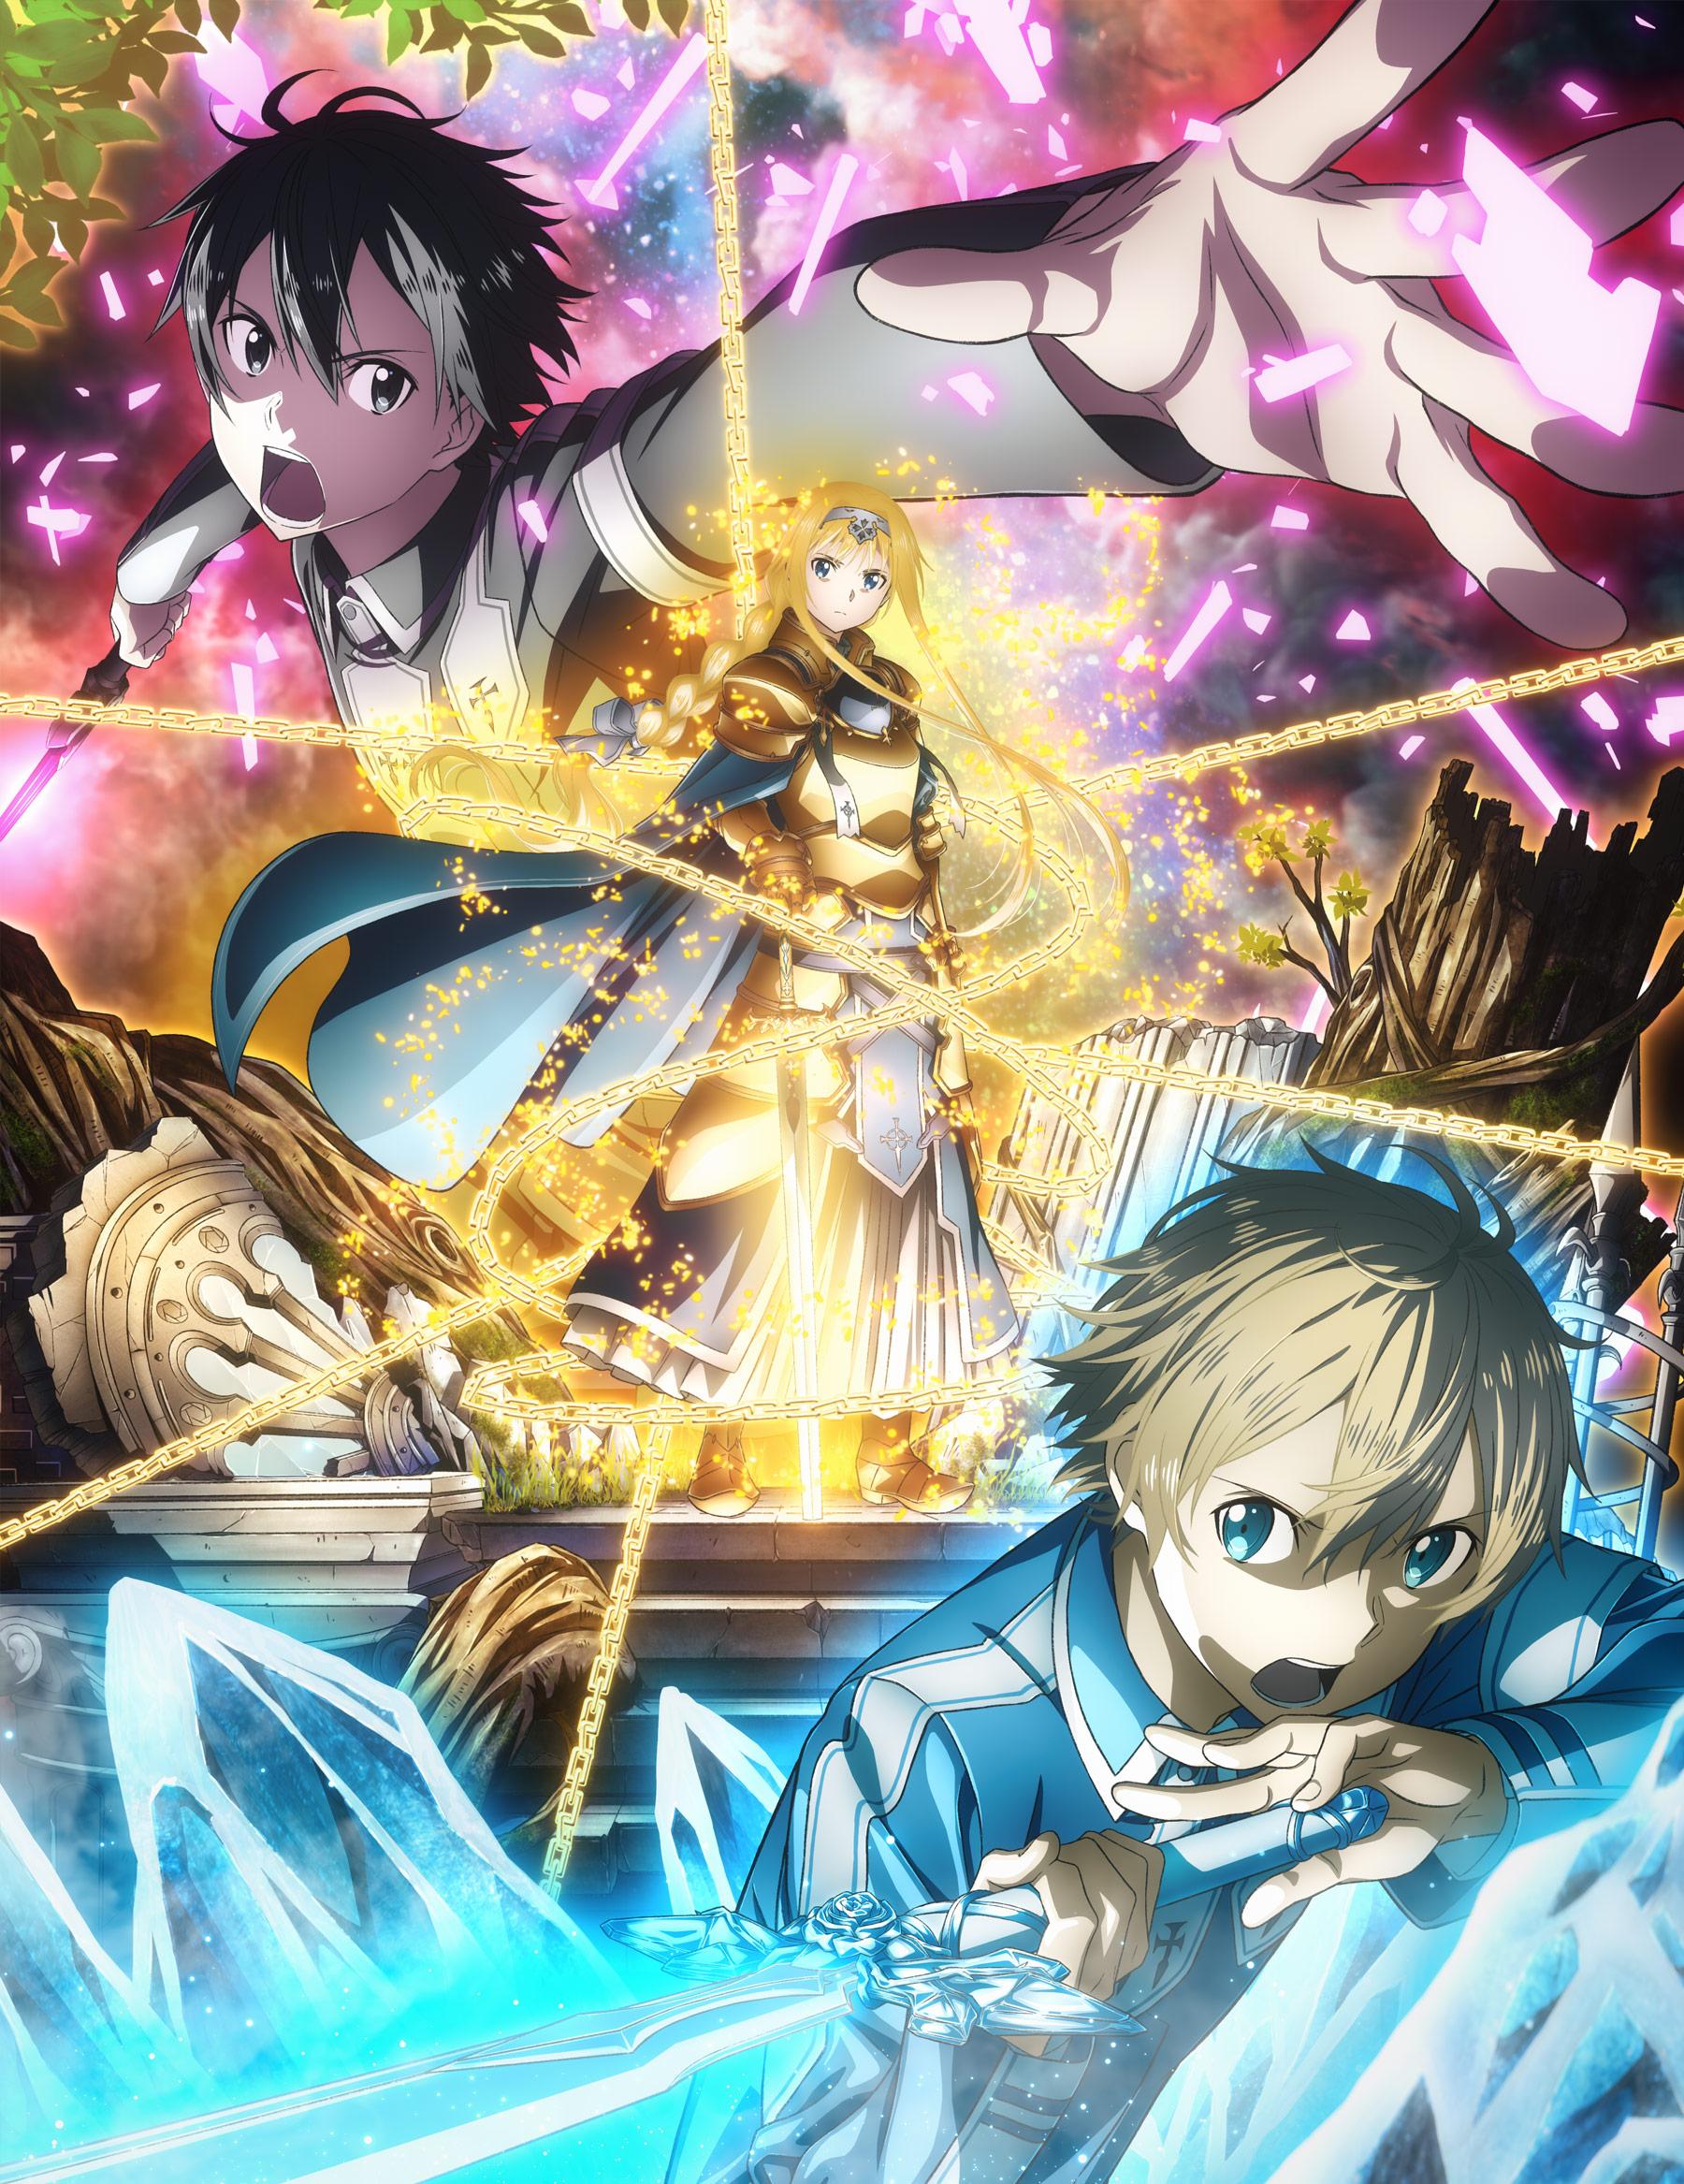 Sword Art Online Alicization Zerochan Anime Image Board